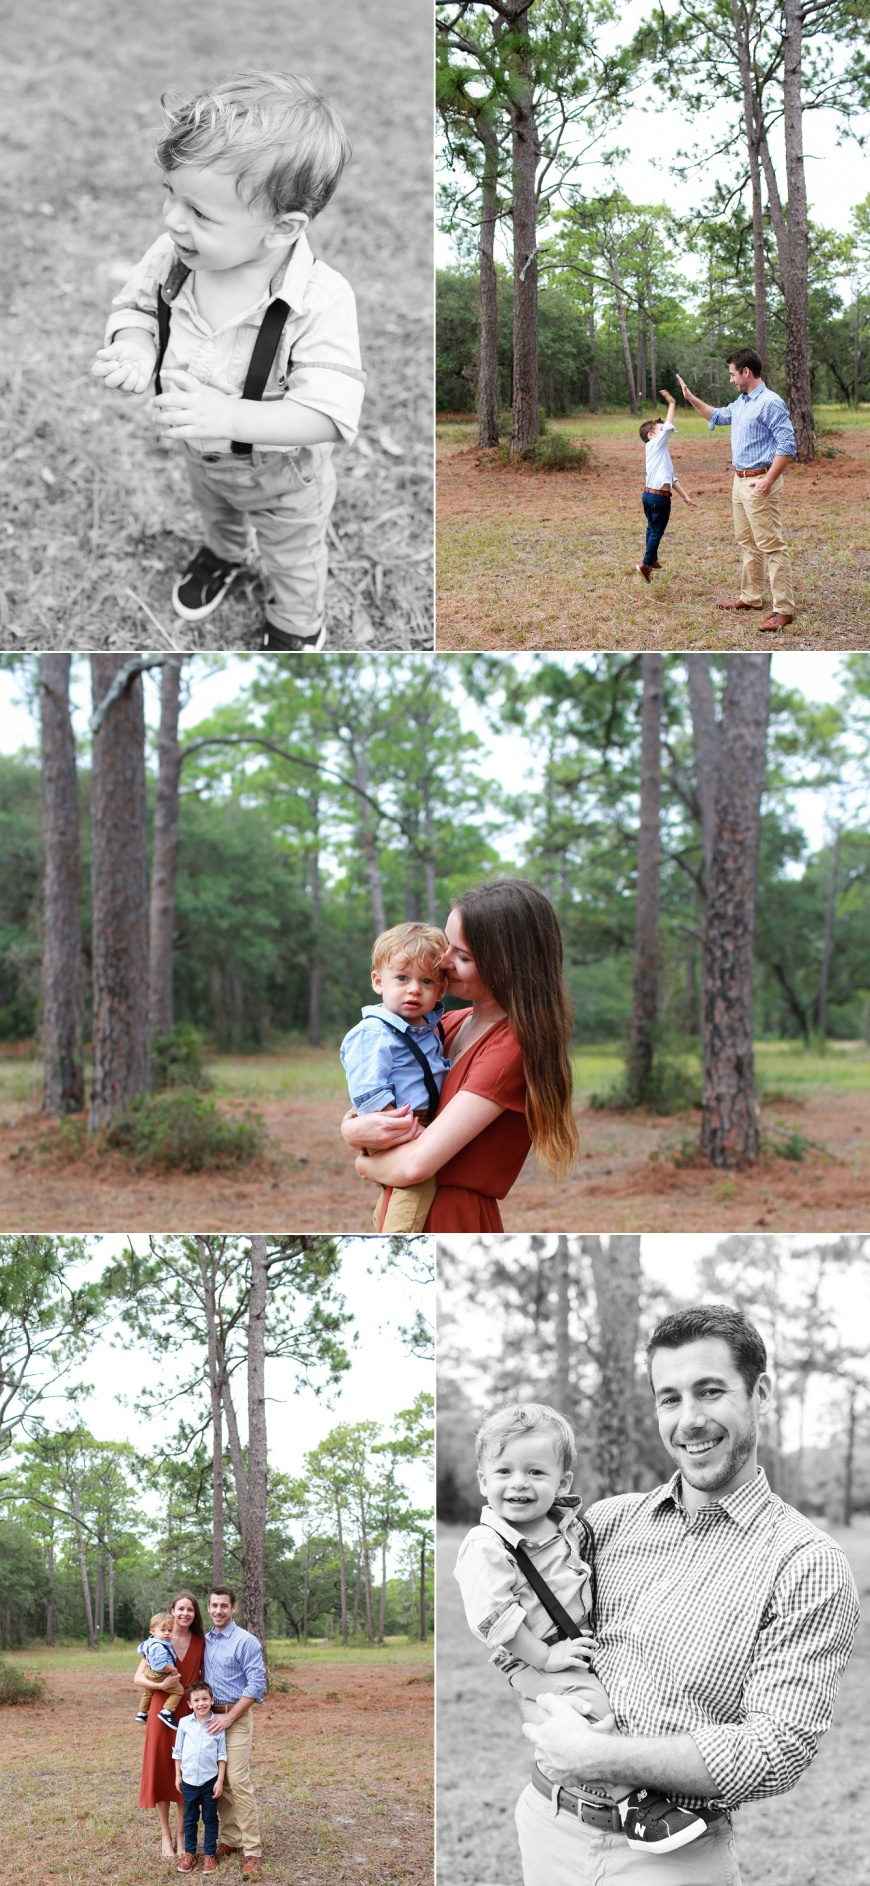 White-Point-Park-Niceville-Florida-Family-Photographer_1016.jpg